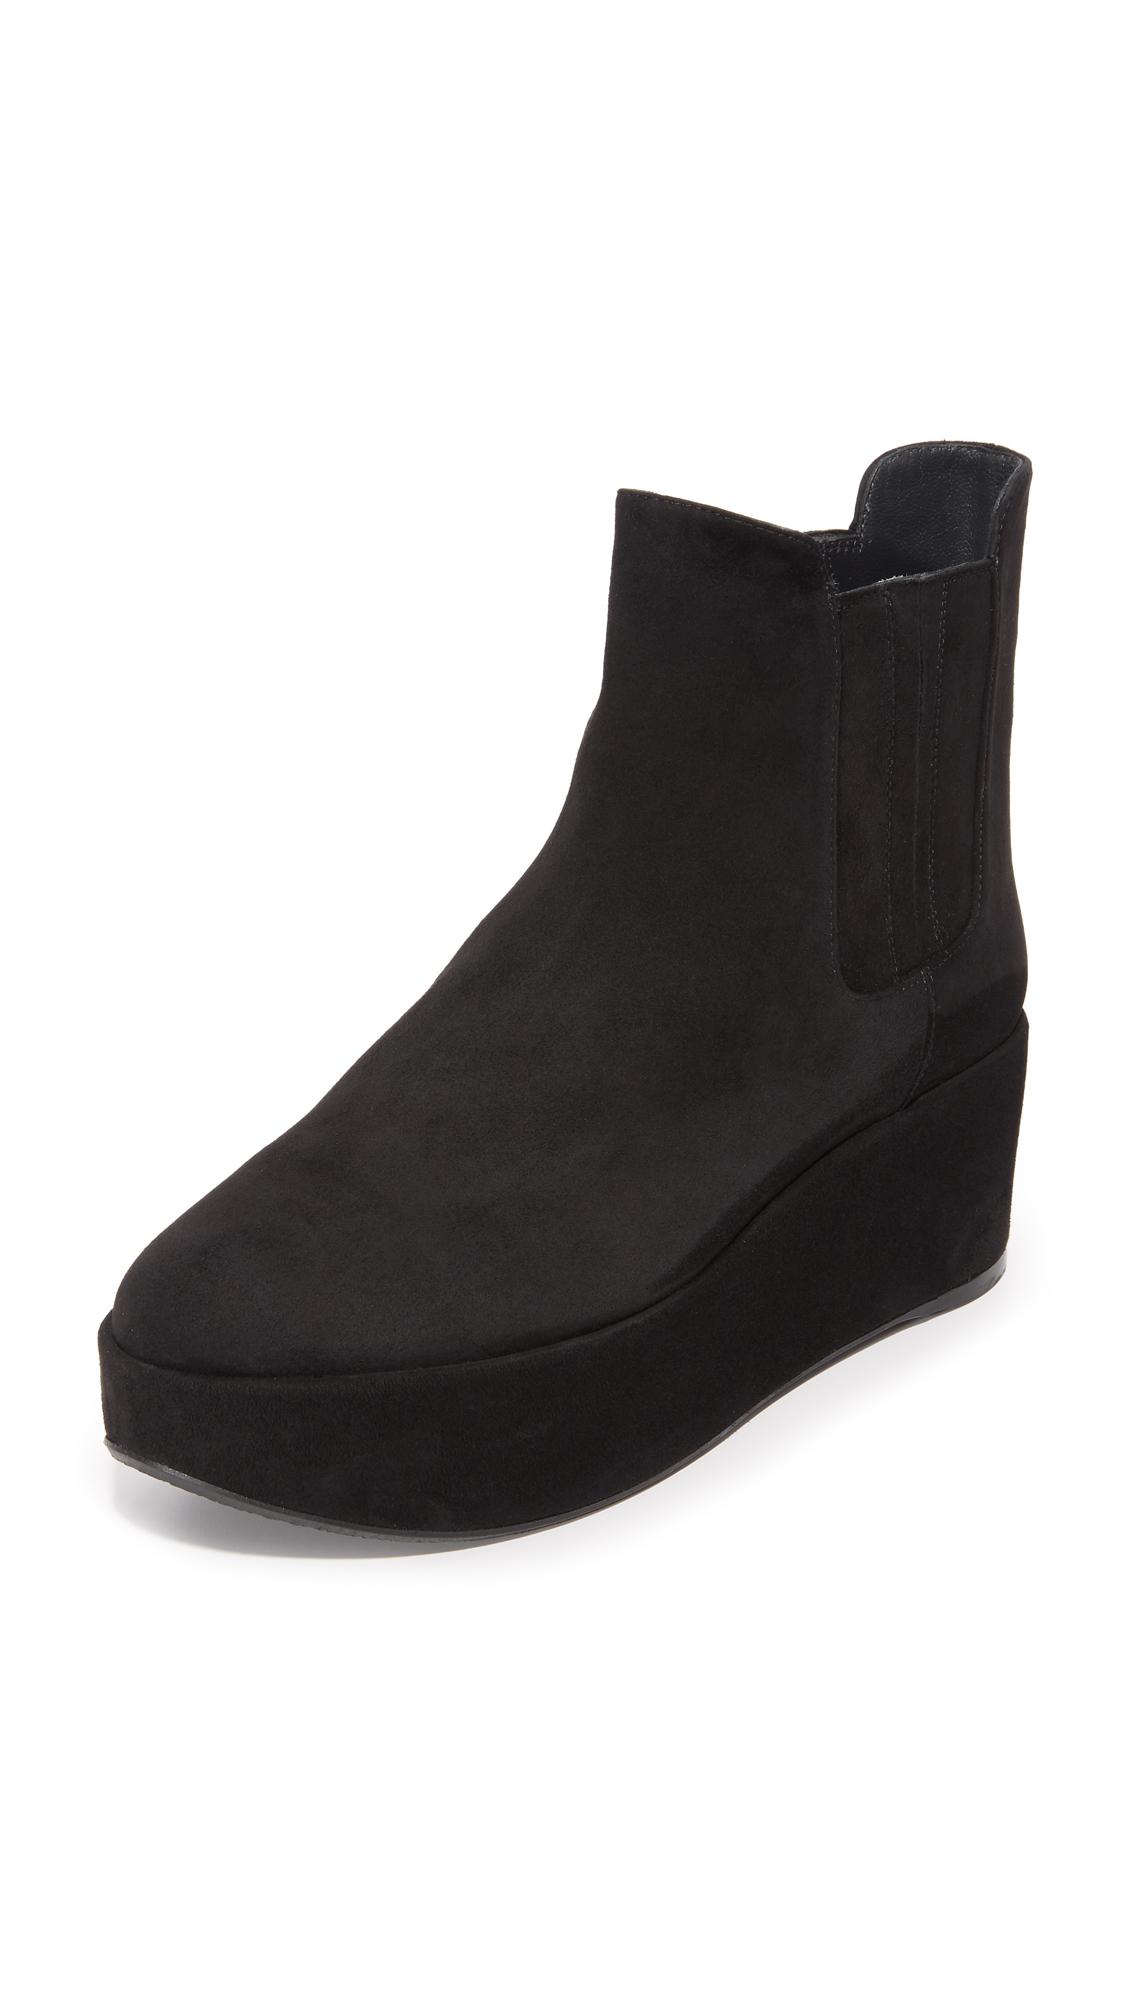 Stuart Weitzman Basilico Booties - Black